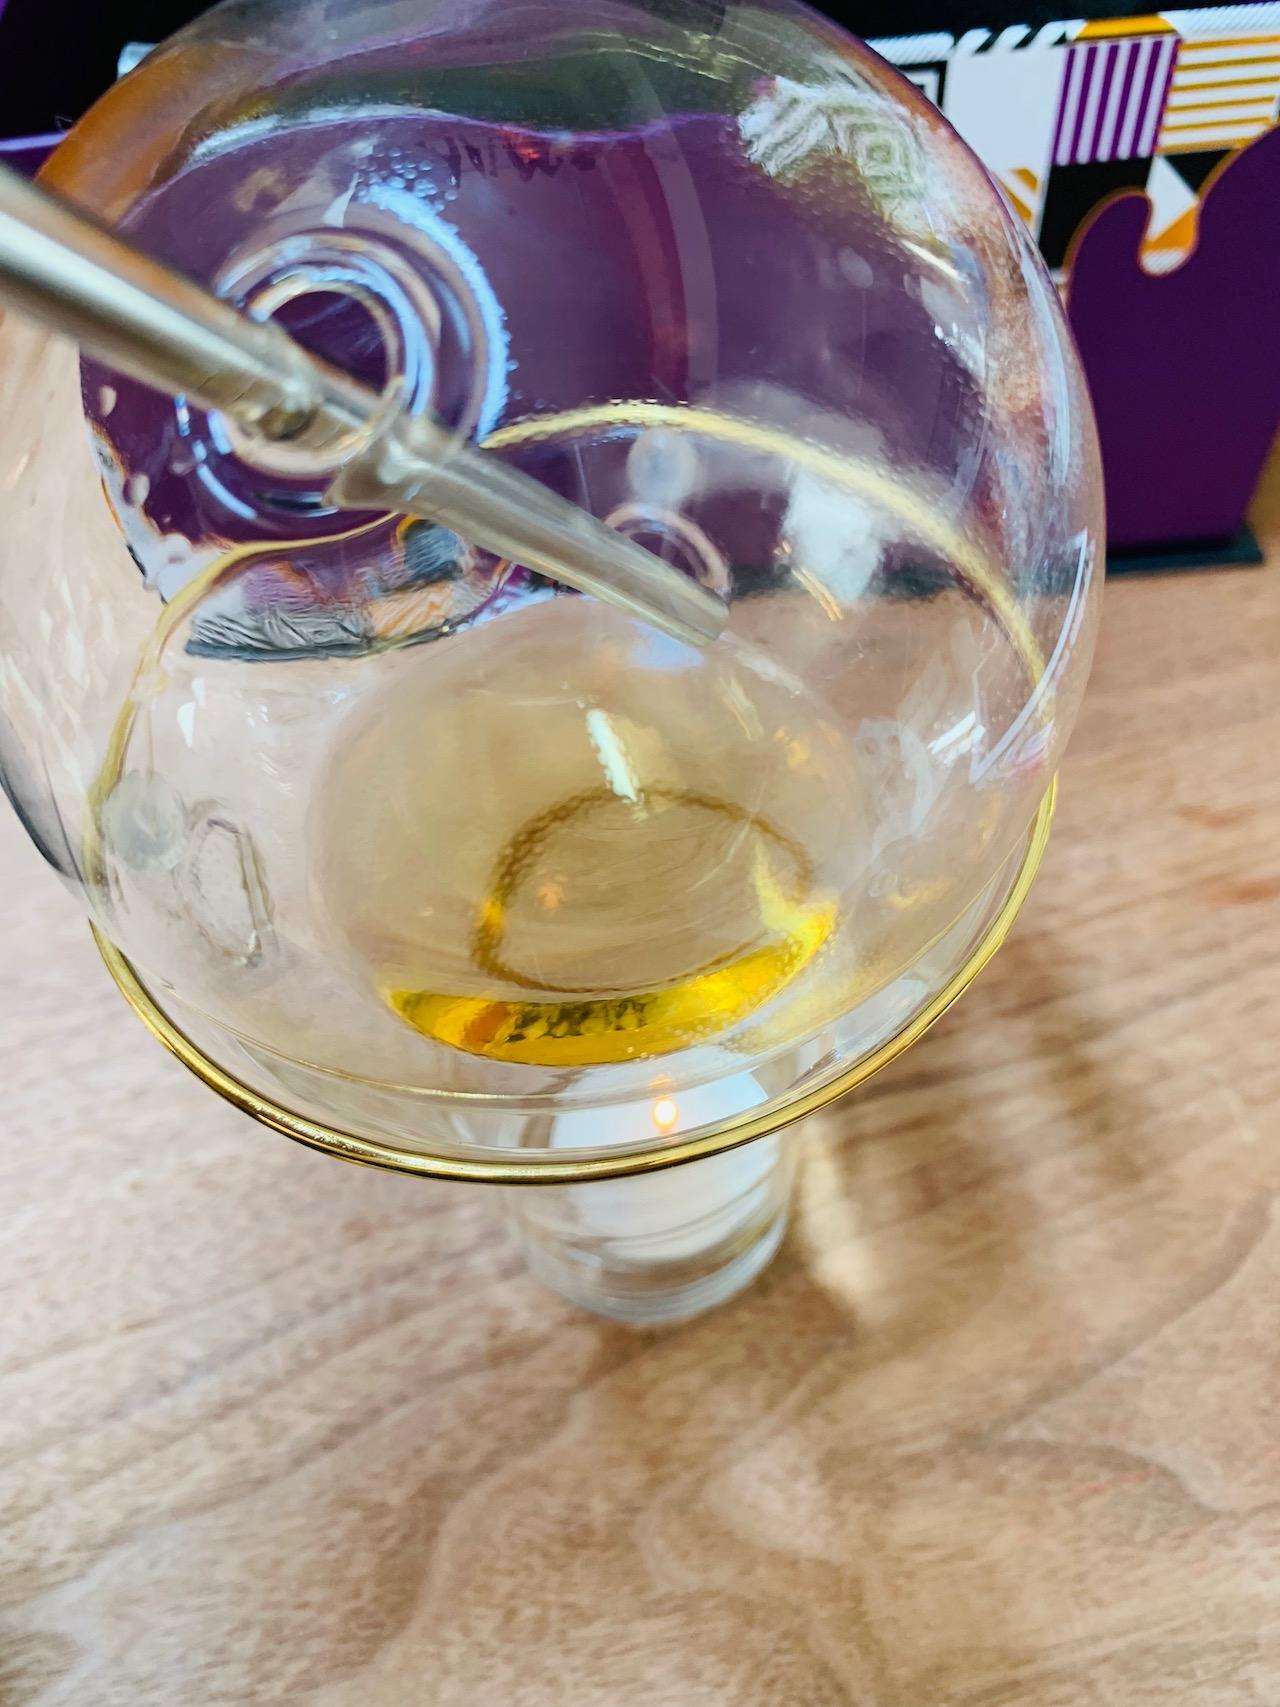 IMG 2259 - 【レビュー】お酒のシーシャ?気化酒キット「AIRCPHOLIC(エアクフオリック)」を試してみてみた!